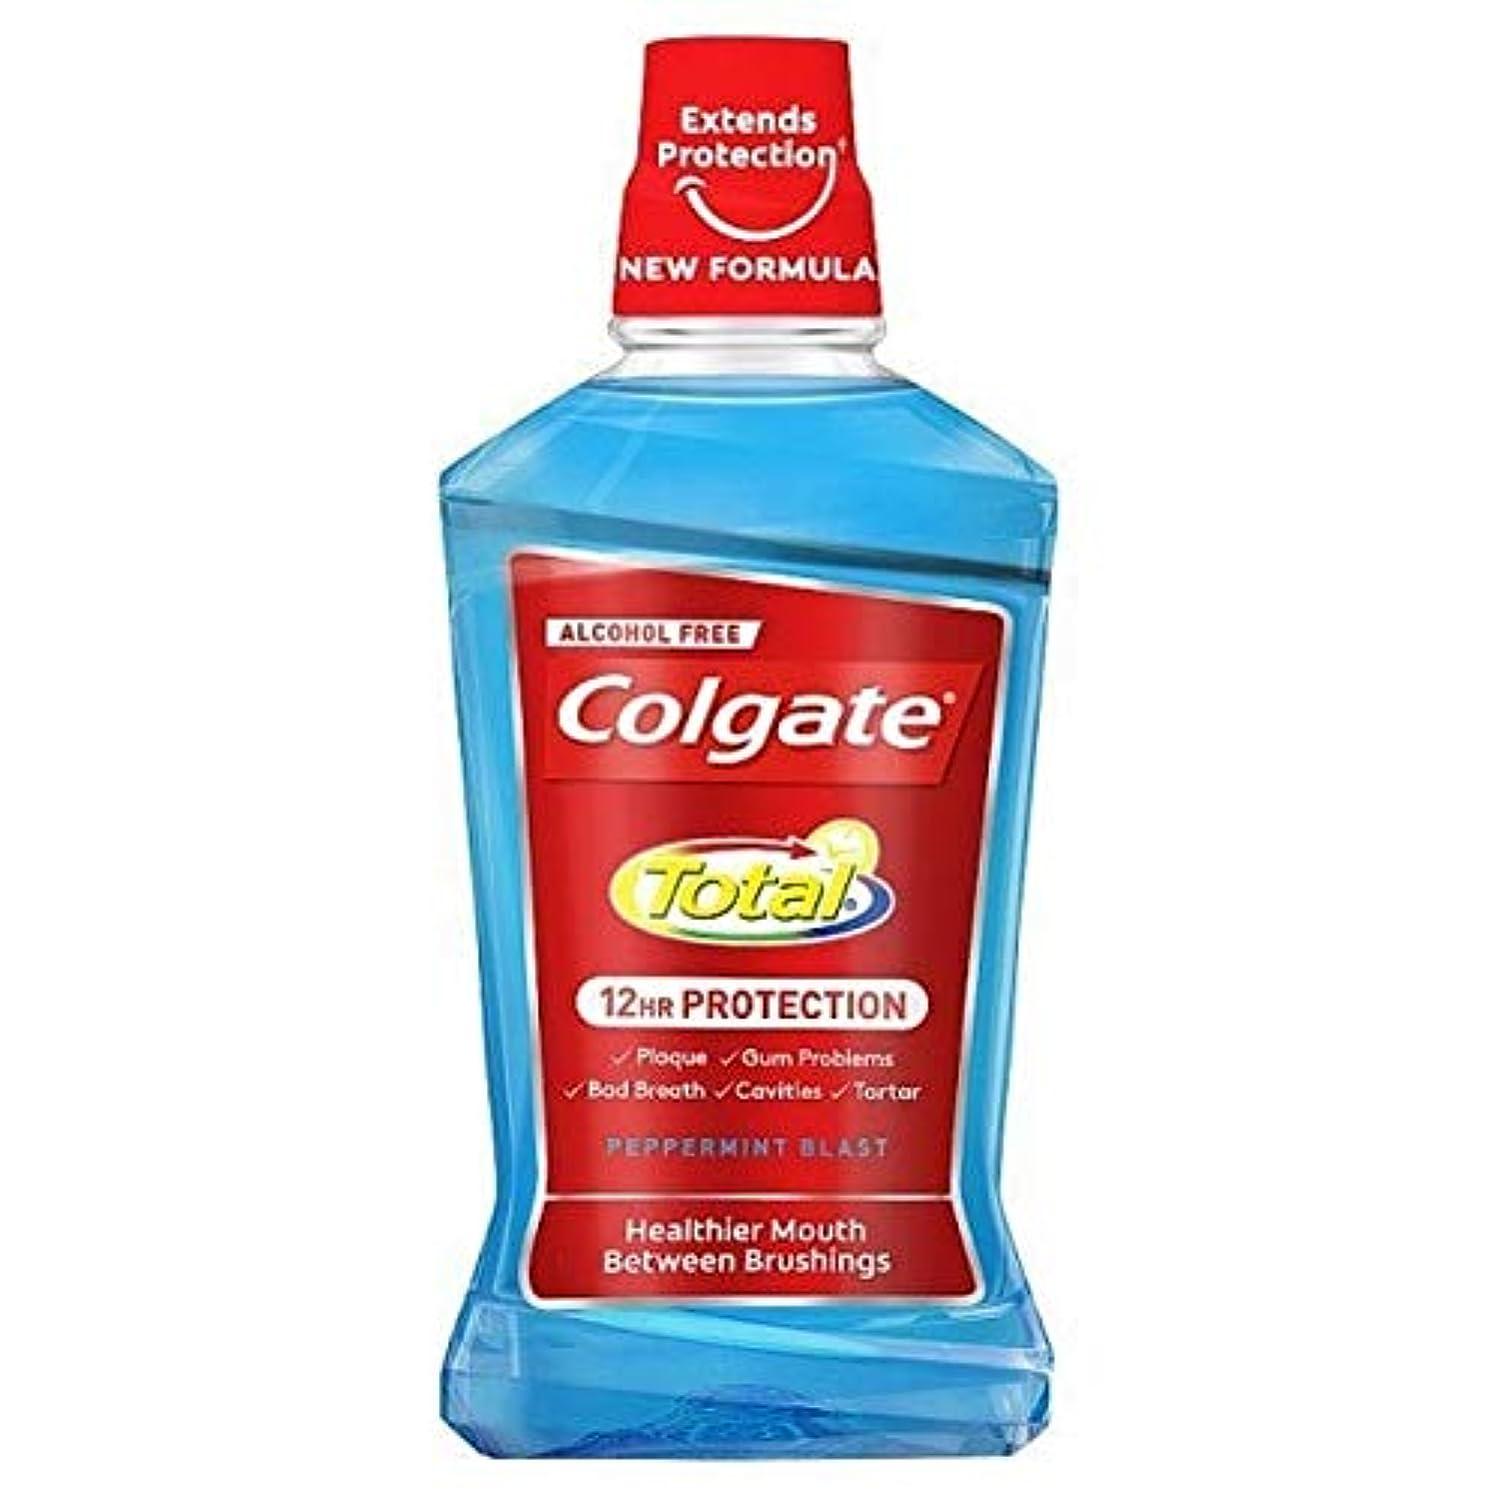 のスコア地中海省略[Colgate ] コルゲートトータルペパーミントブラストマウスウォッシュ500ミリリットル - Colgate Total Peppermint Blast Mouthwash 500ml [並行輸入品]